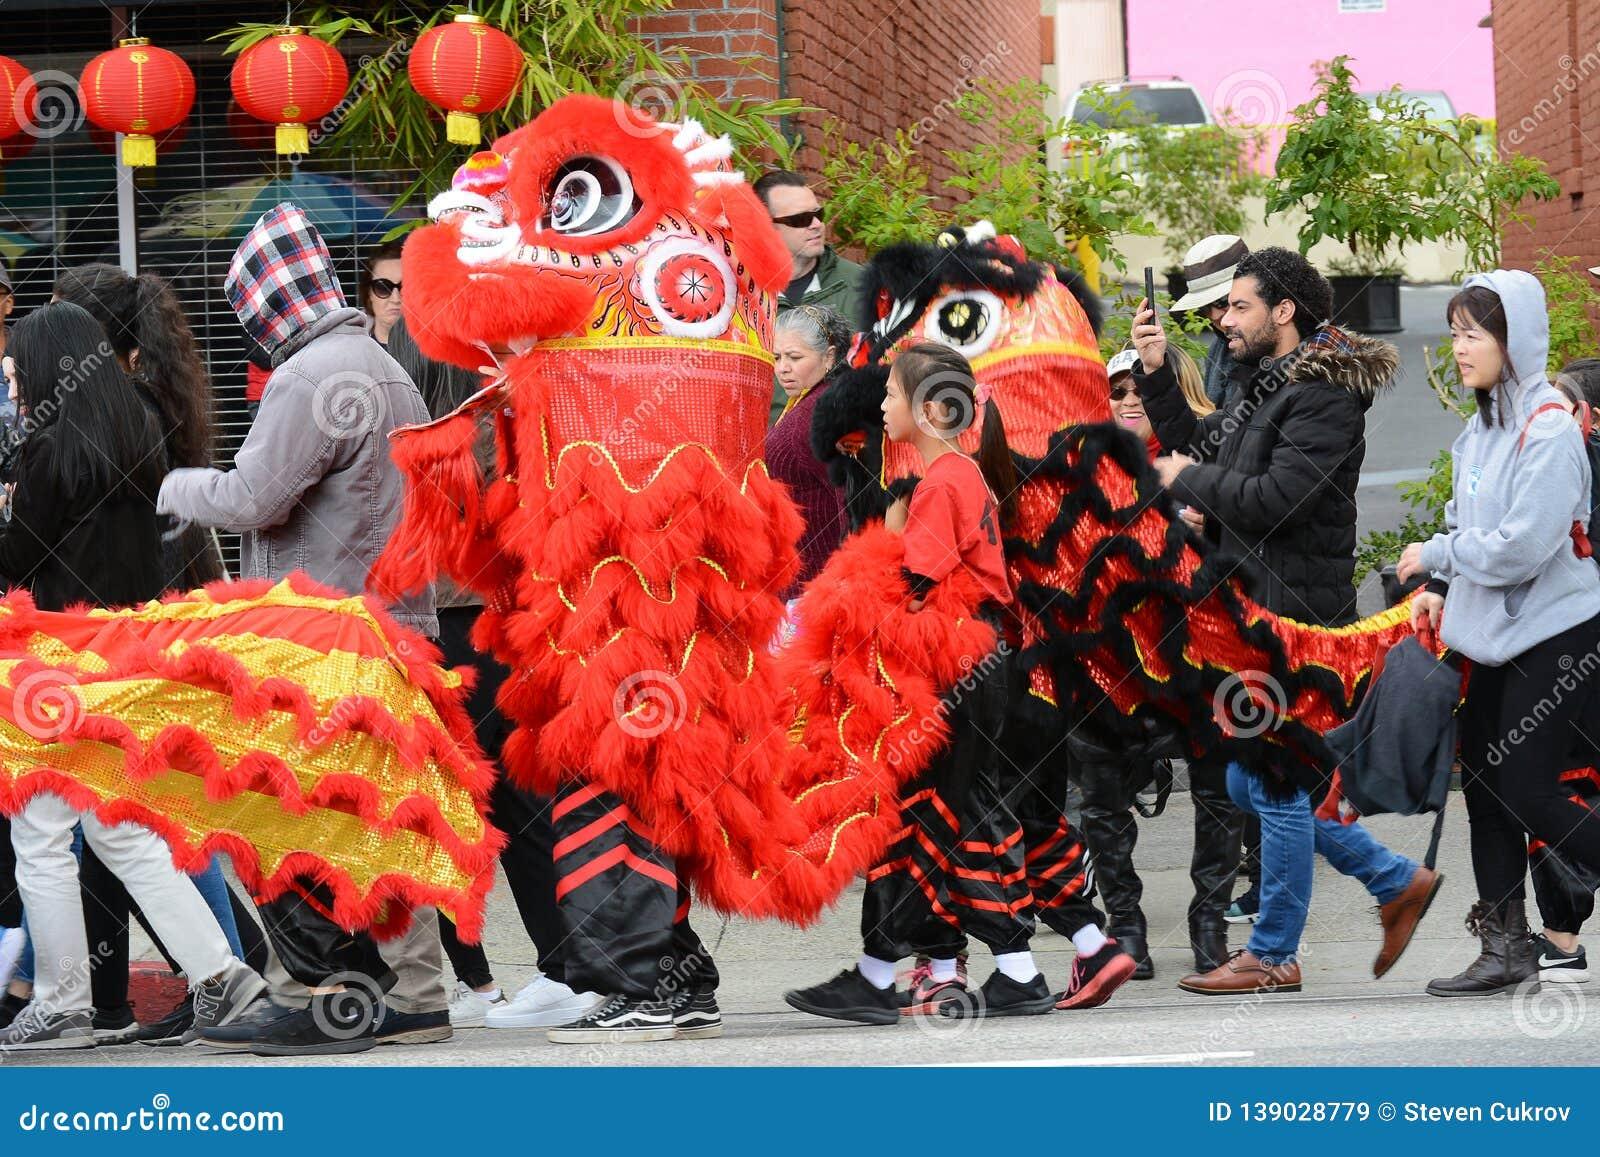 Dragones chinos, el símbolo de la energía de la ji y buena fortuna, en Dragon Parade de oro, celebrando el Año Nuevo chino